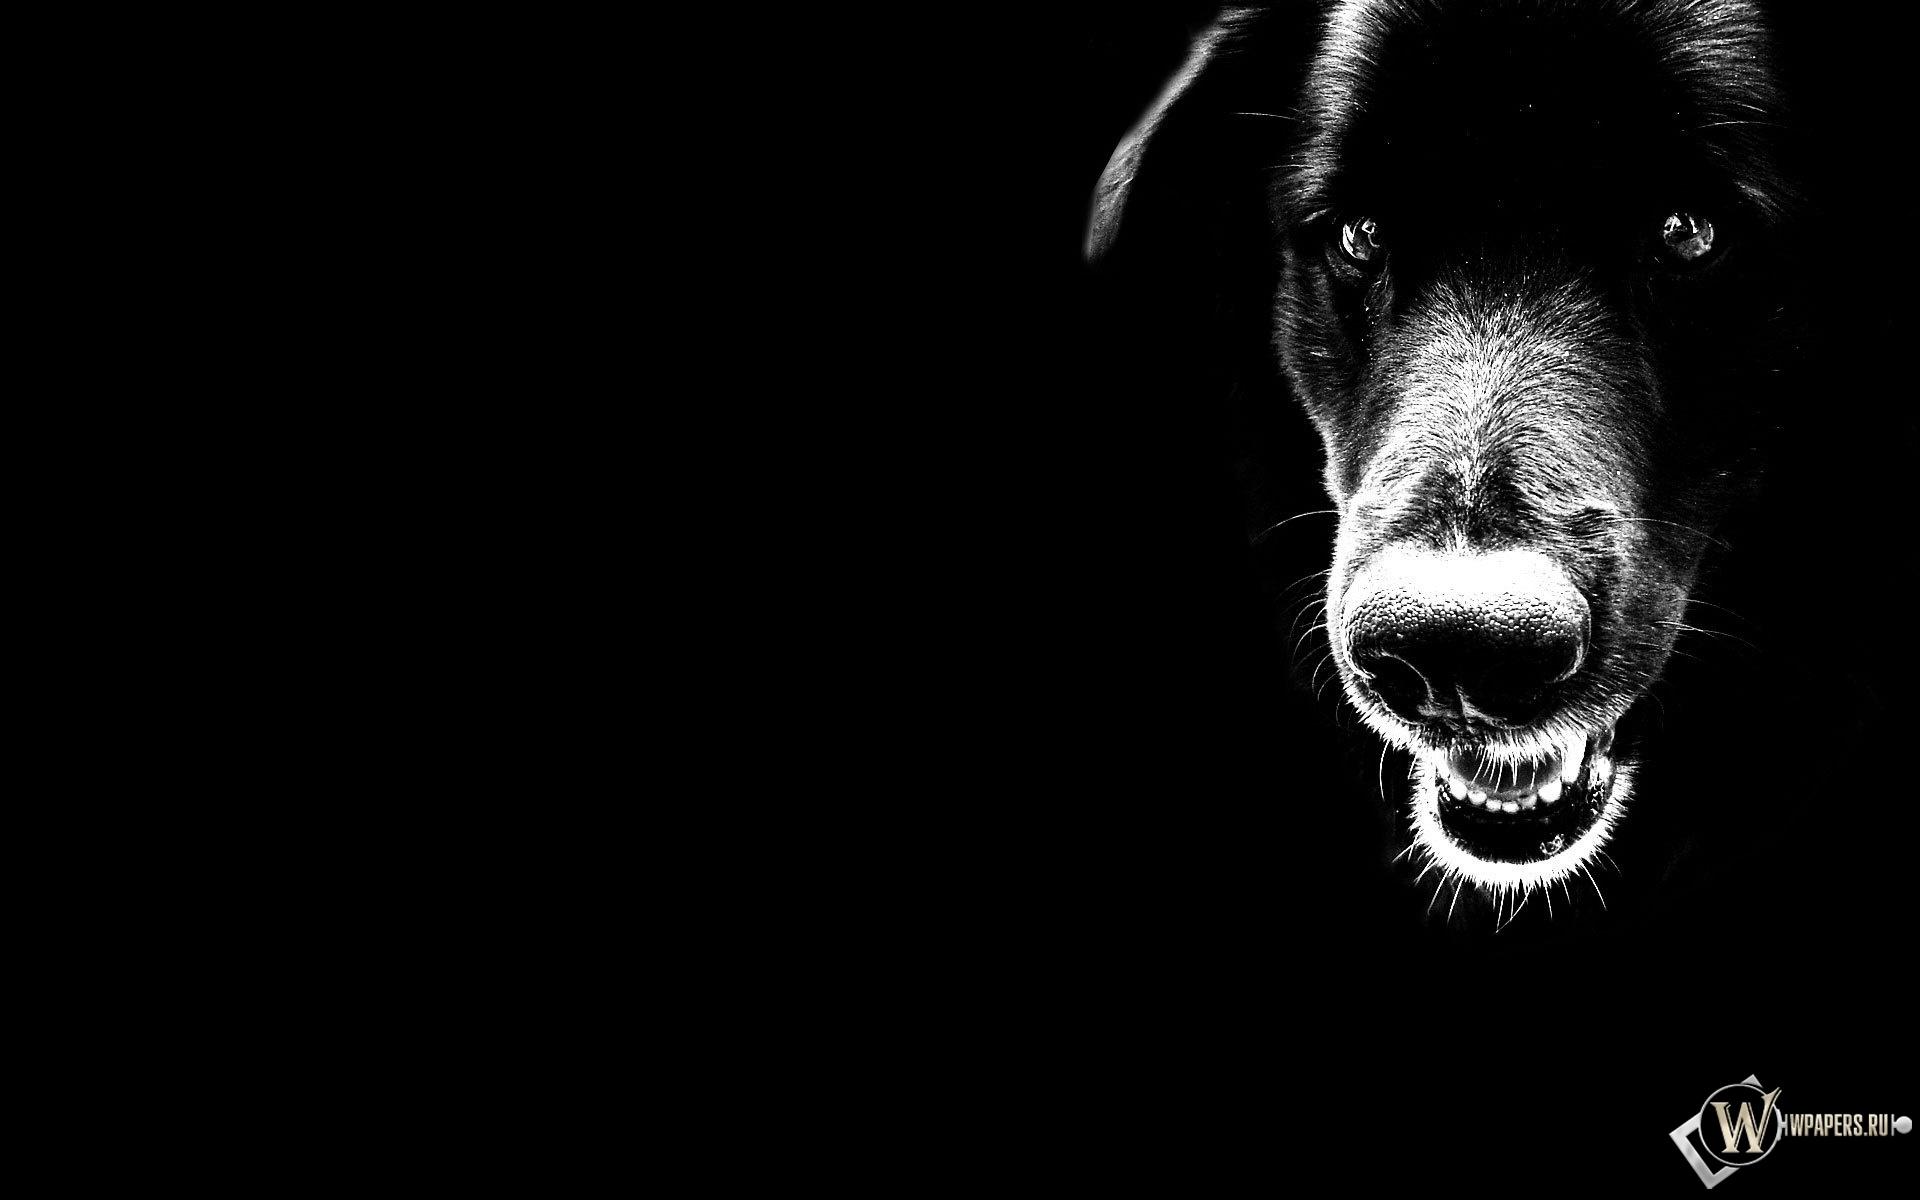 Чёрный пёс 1920x1200